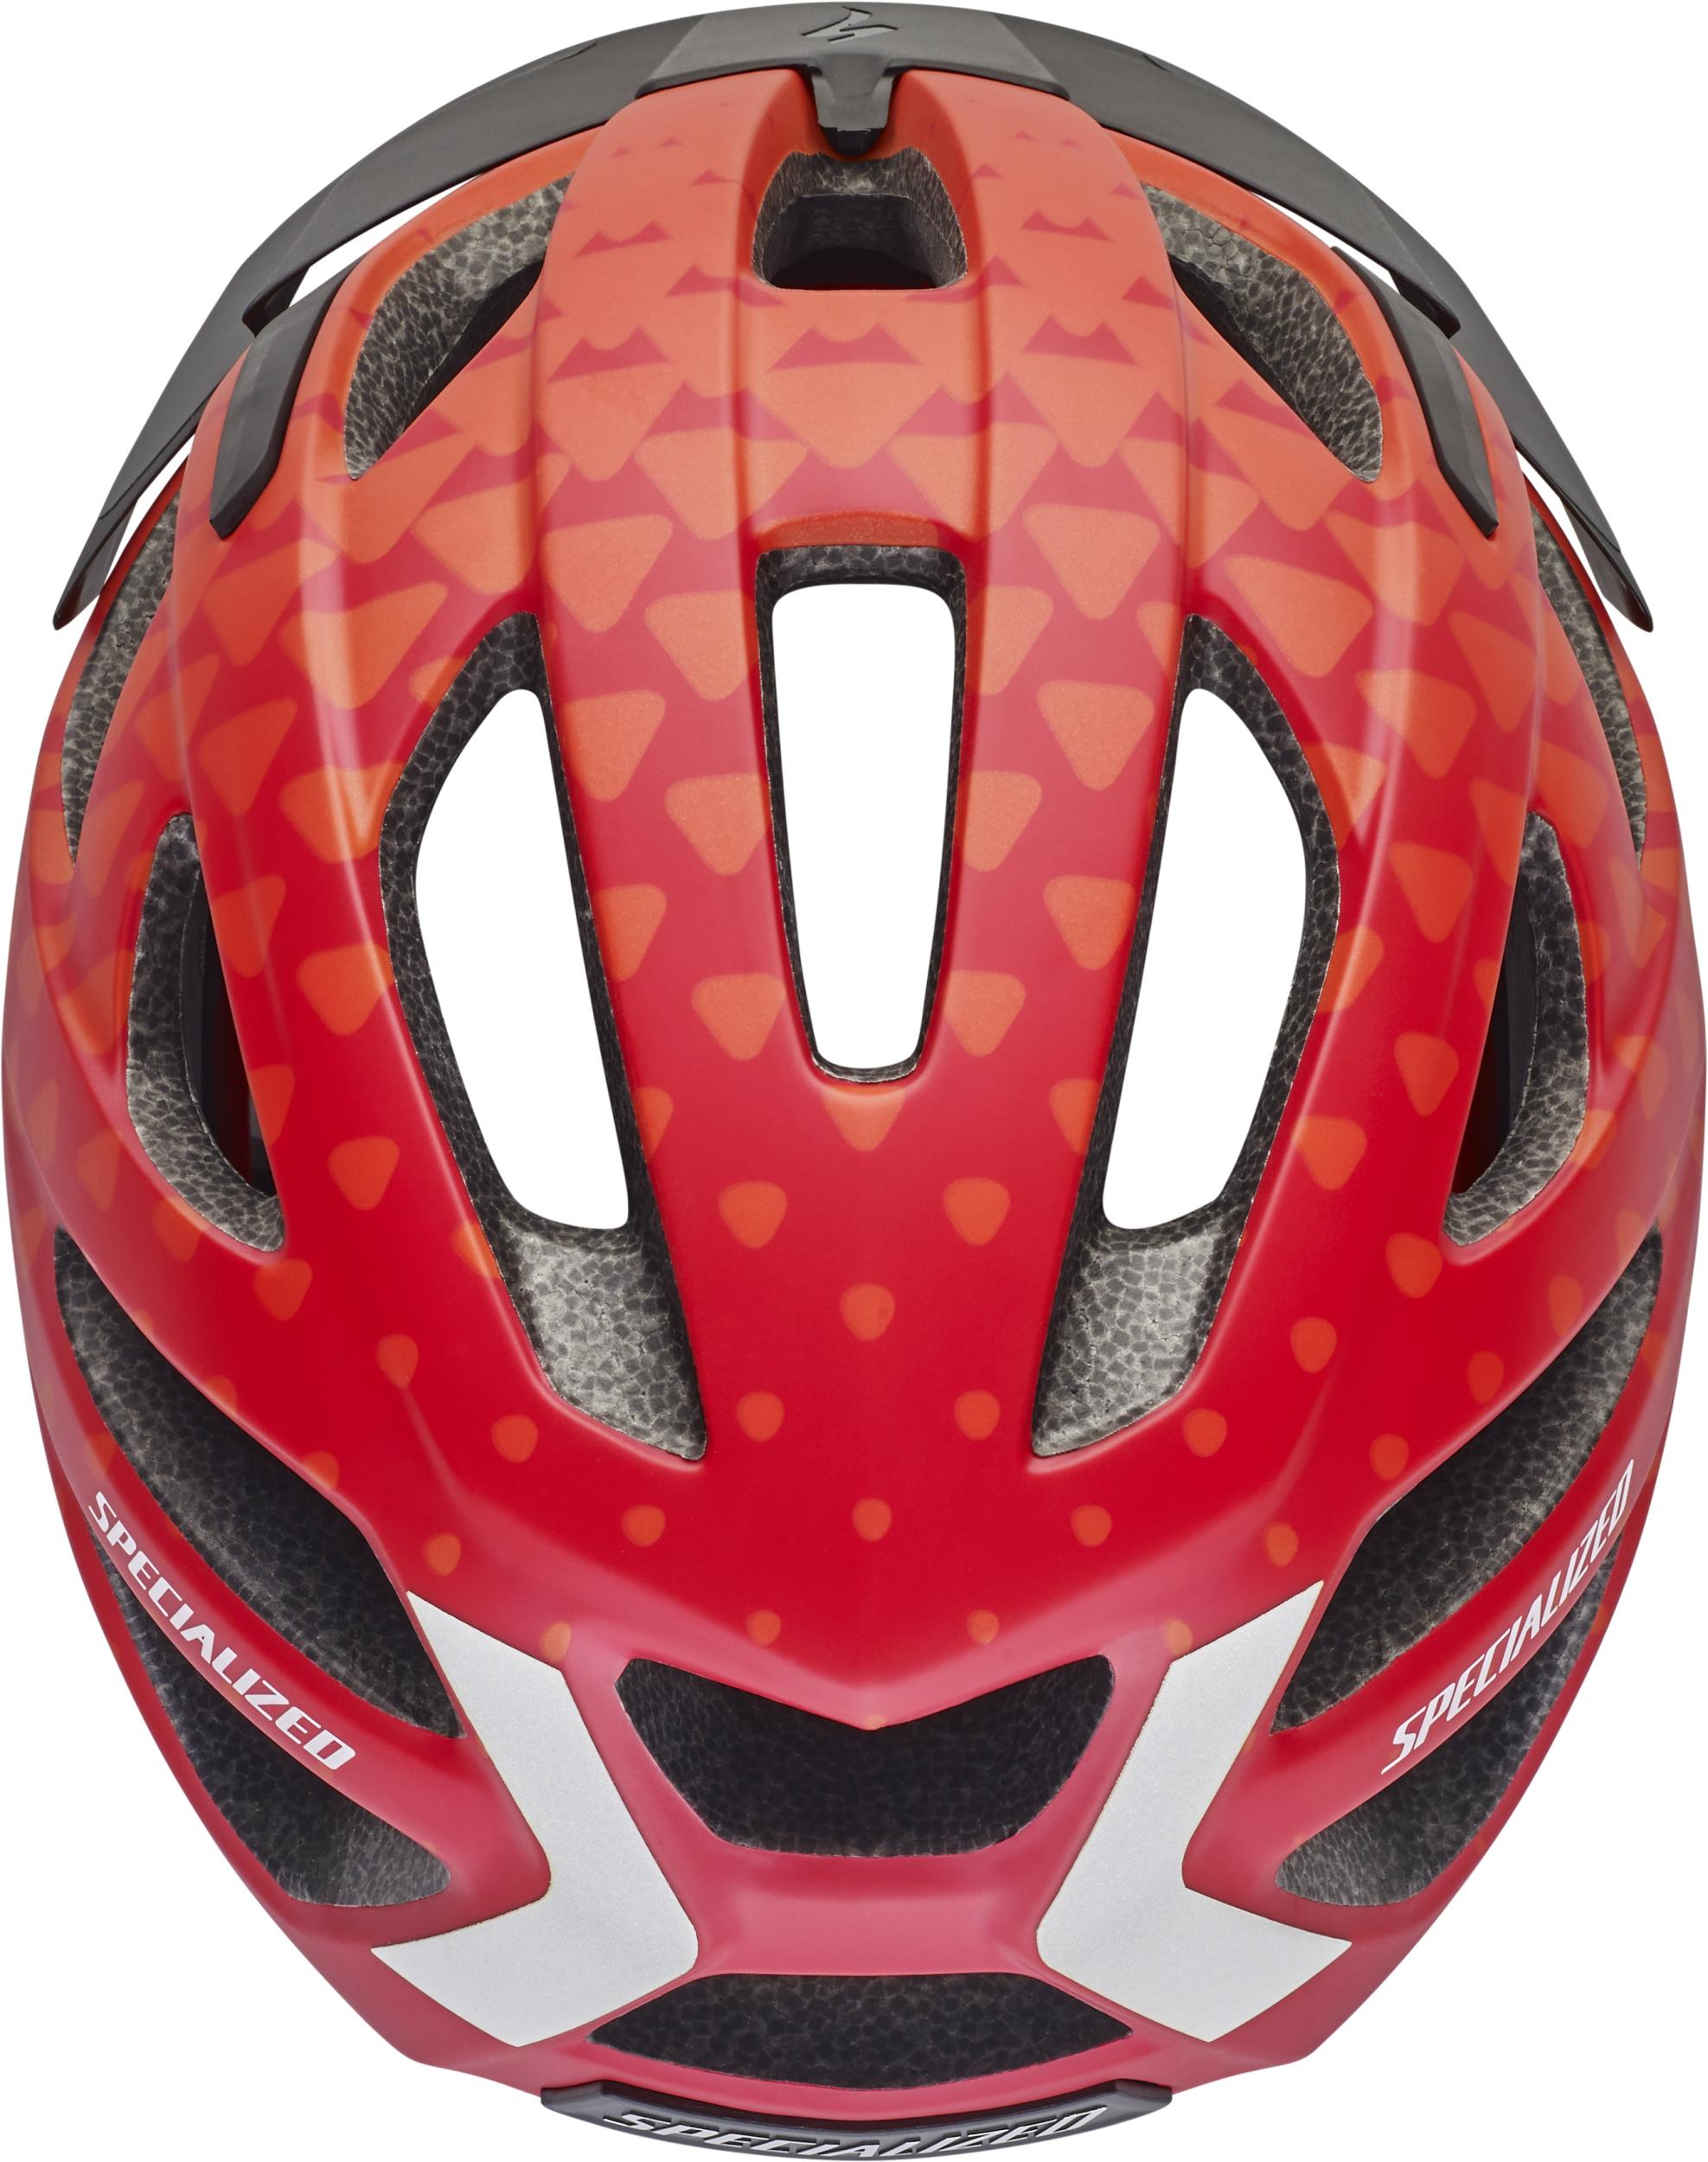 Centro helmet - $49